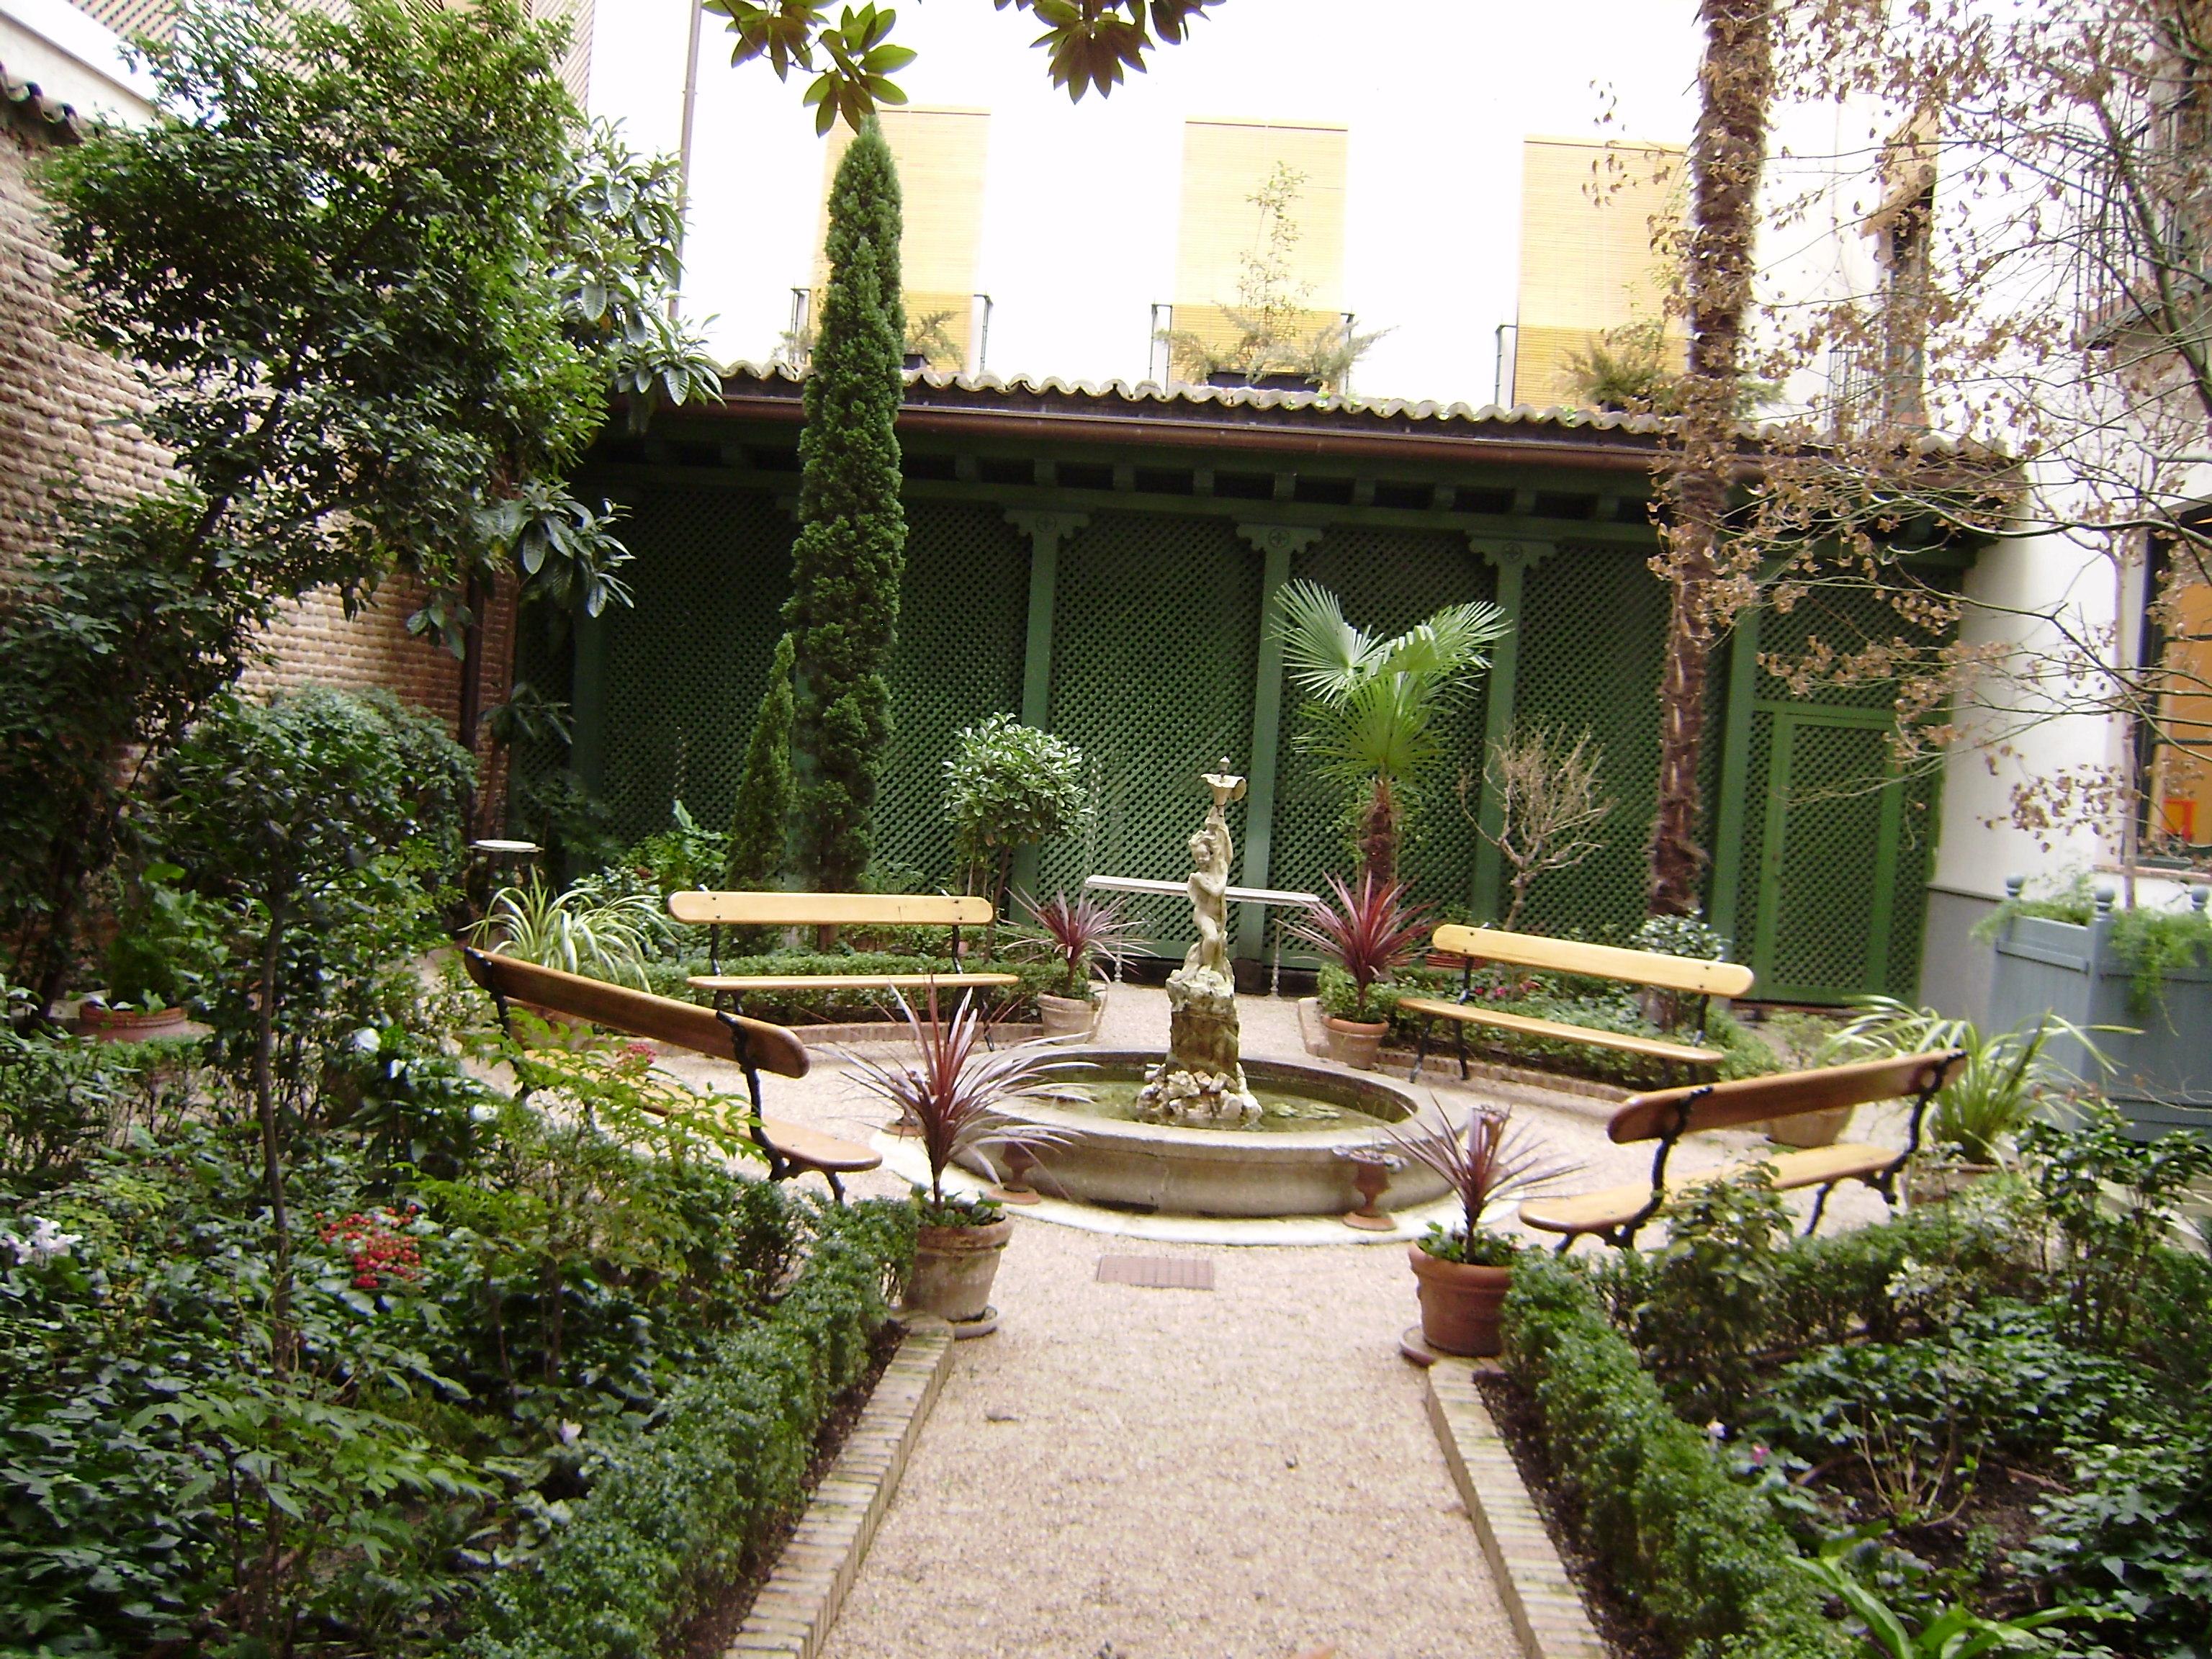 Viejo madrid 24 jardines rom nticos mi siglo for Jardines romanticos